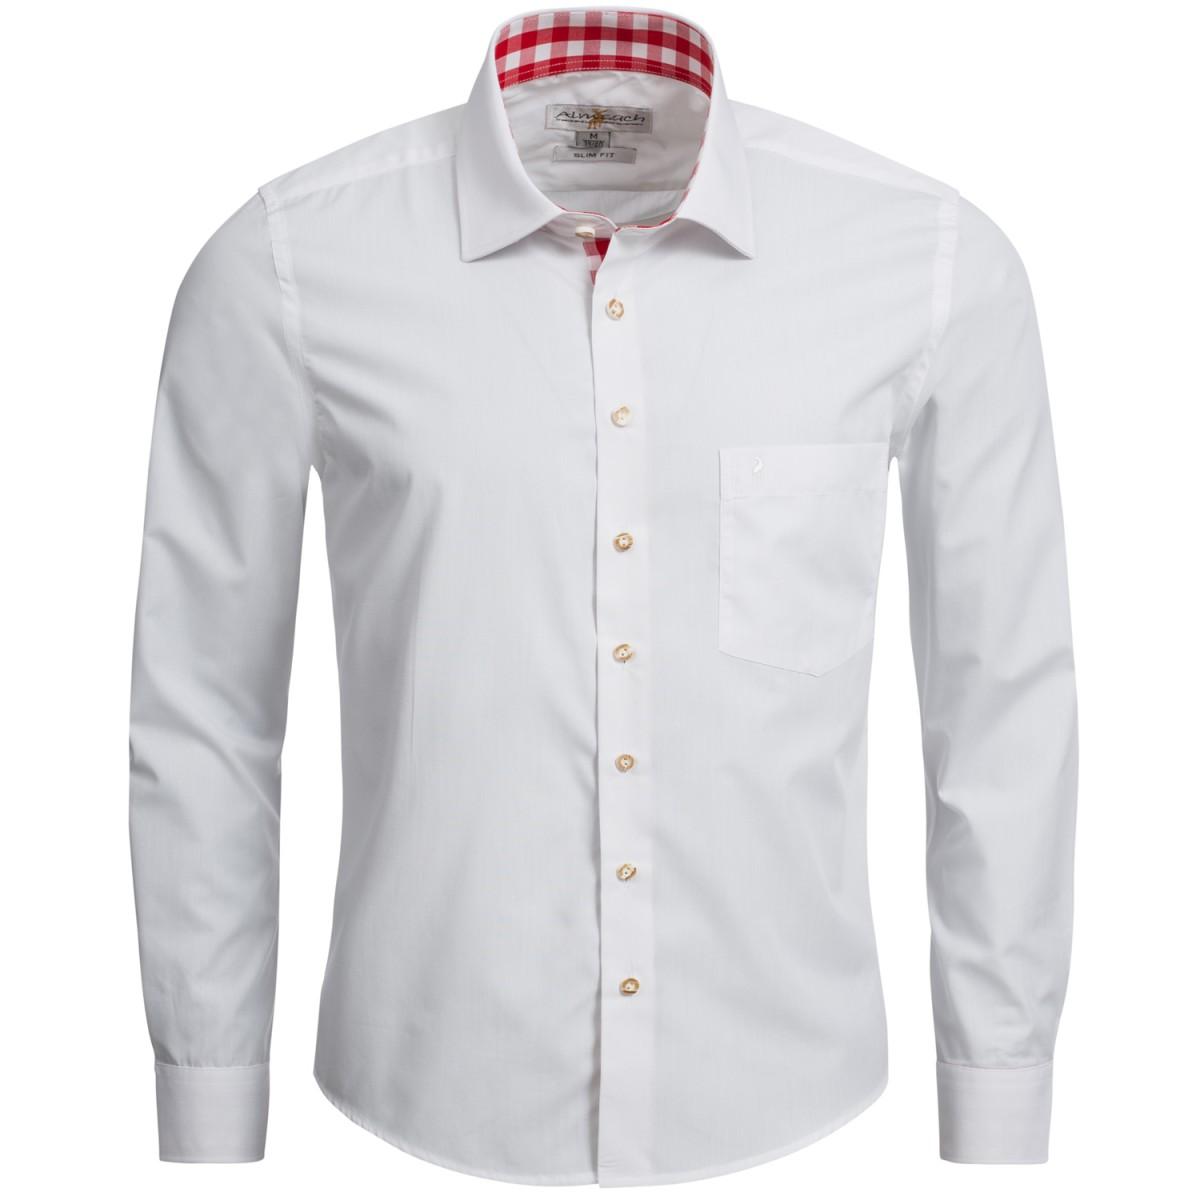 rot weißes Trachtenhemd von Almsach